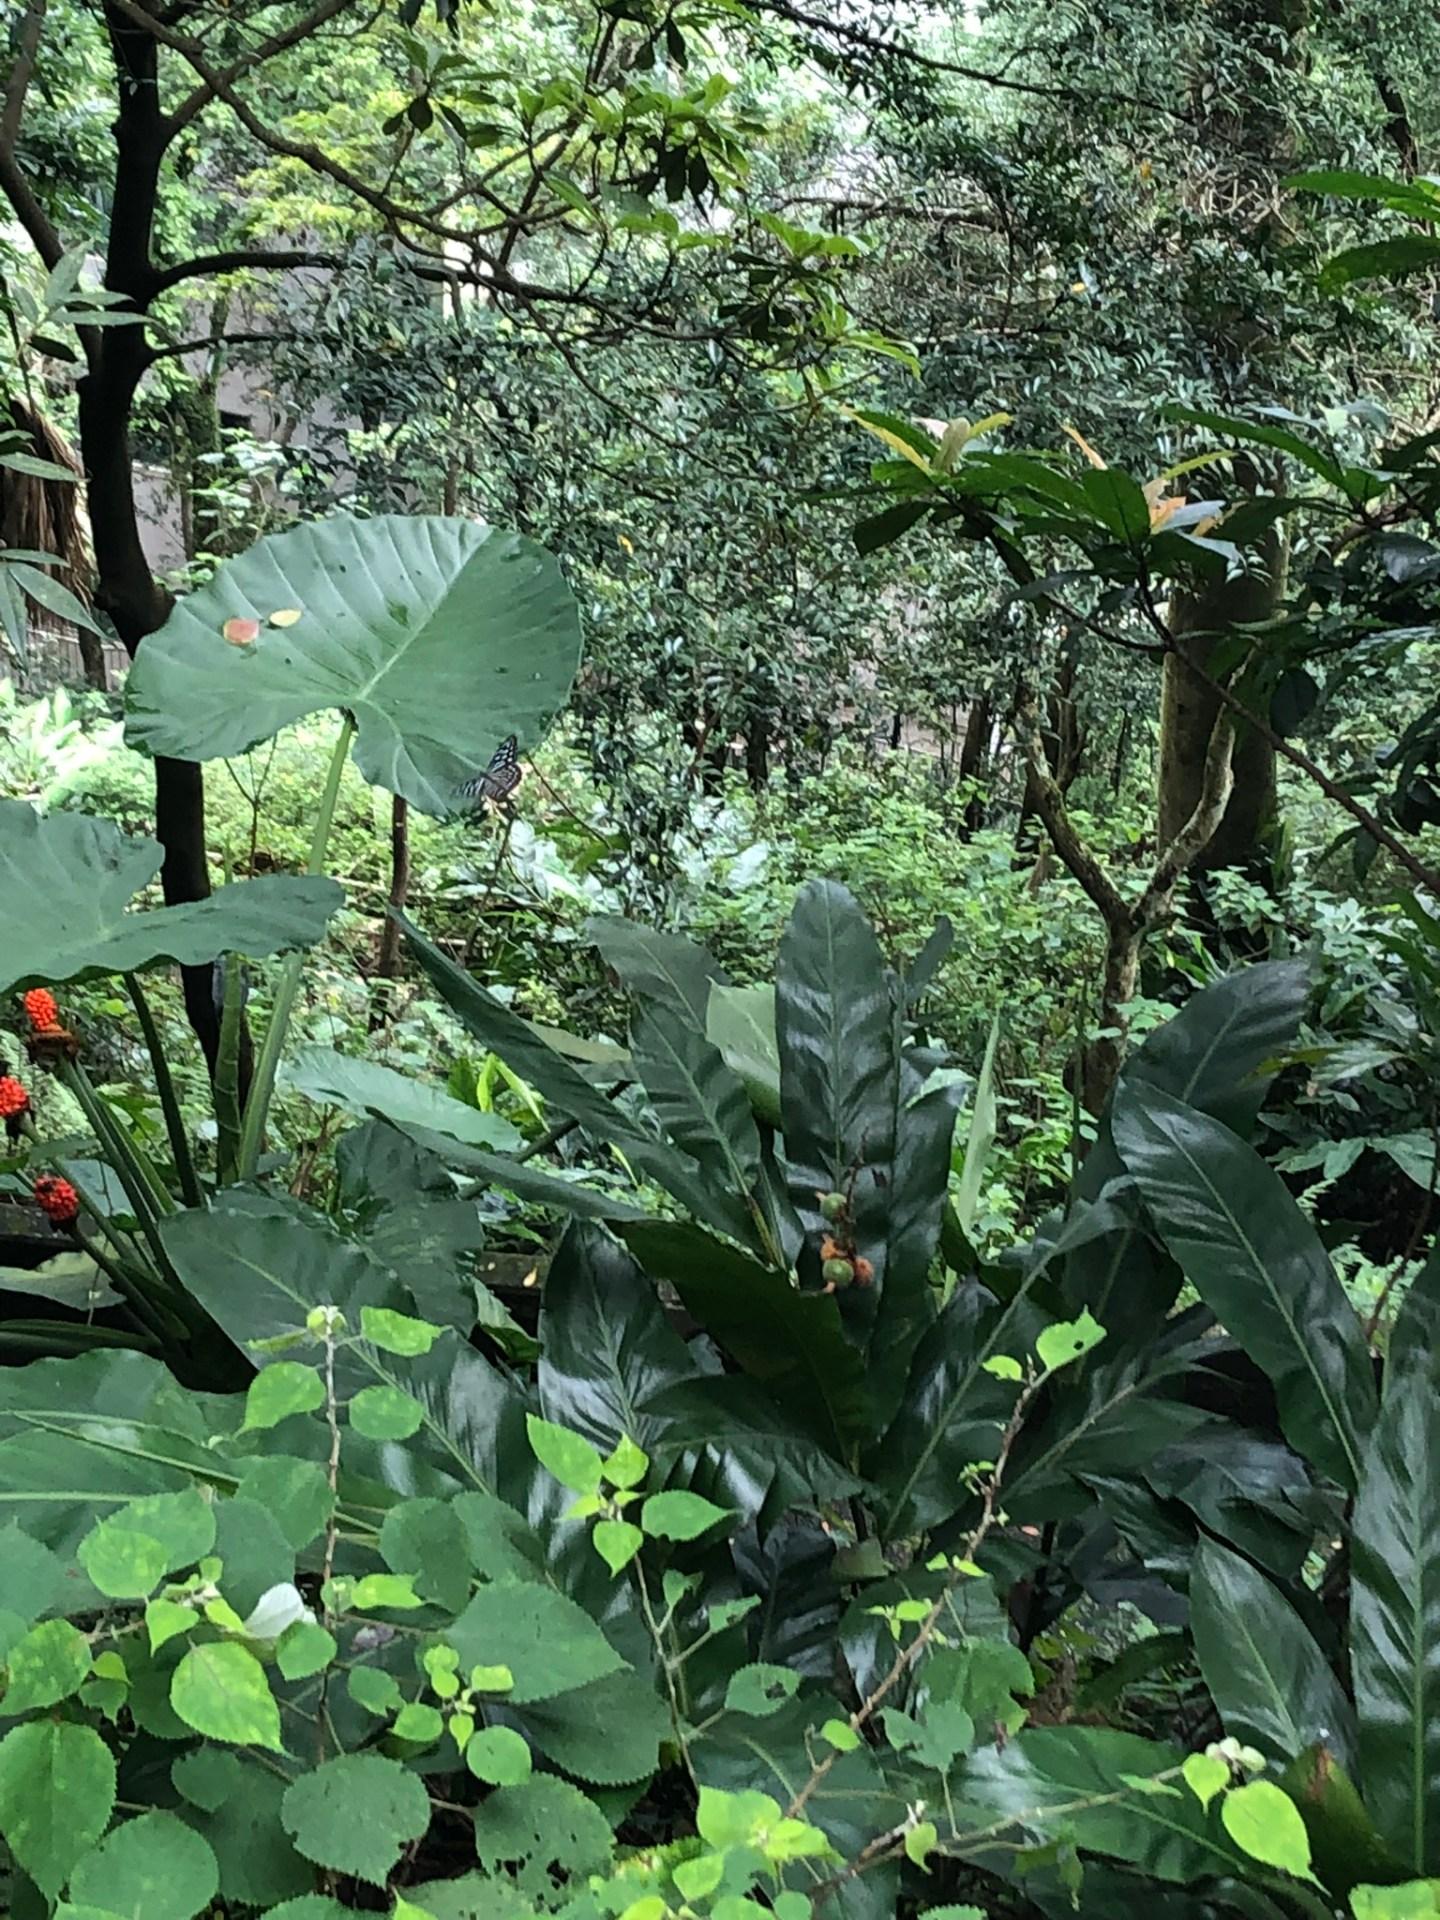 Jungle at Victoria Peak, Hong Kong